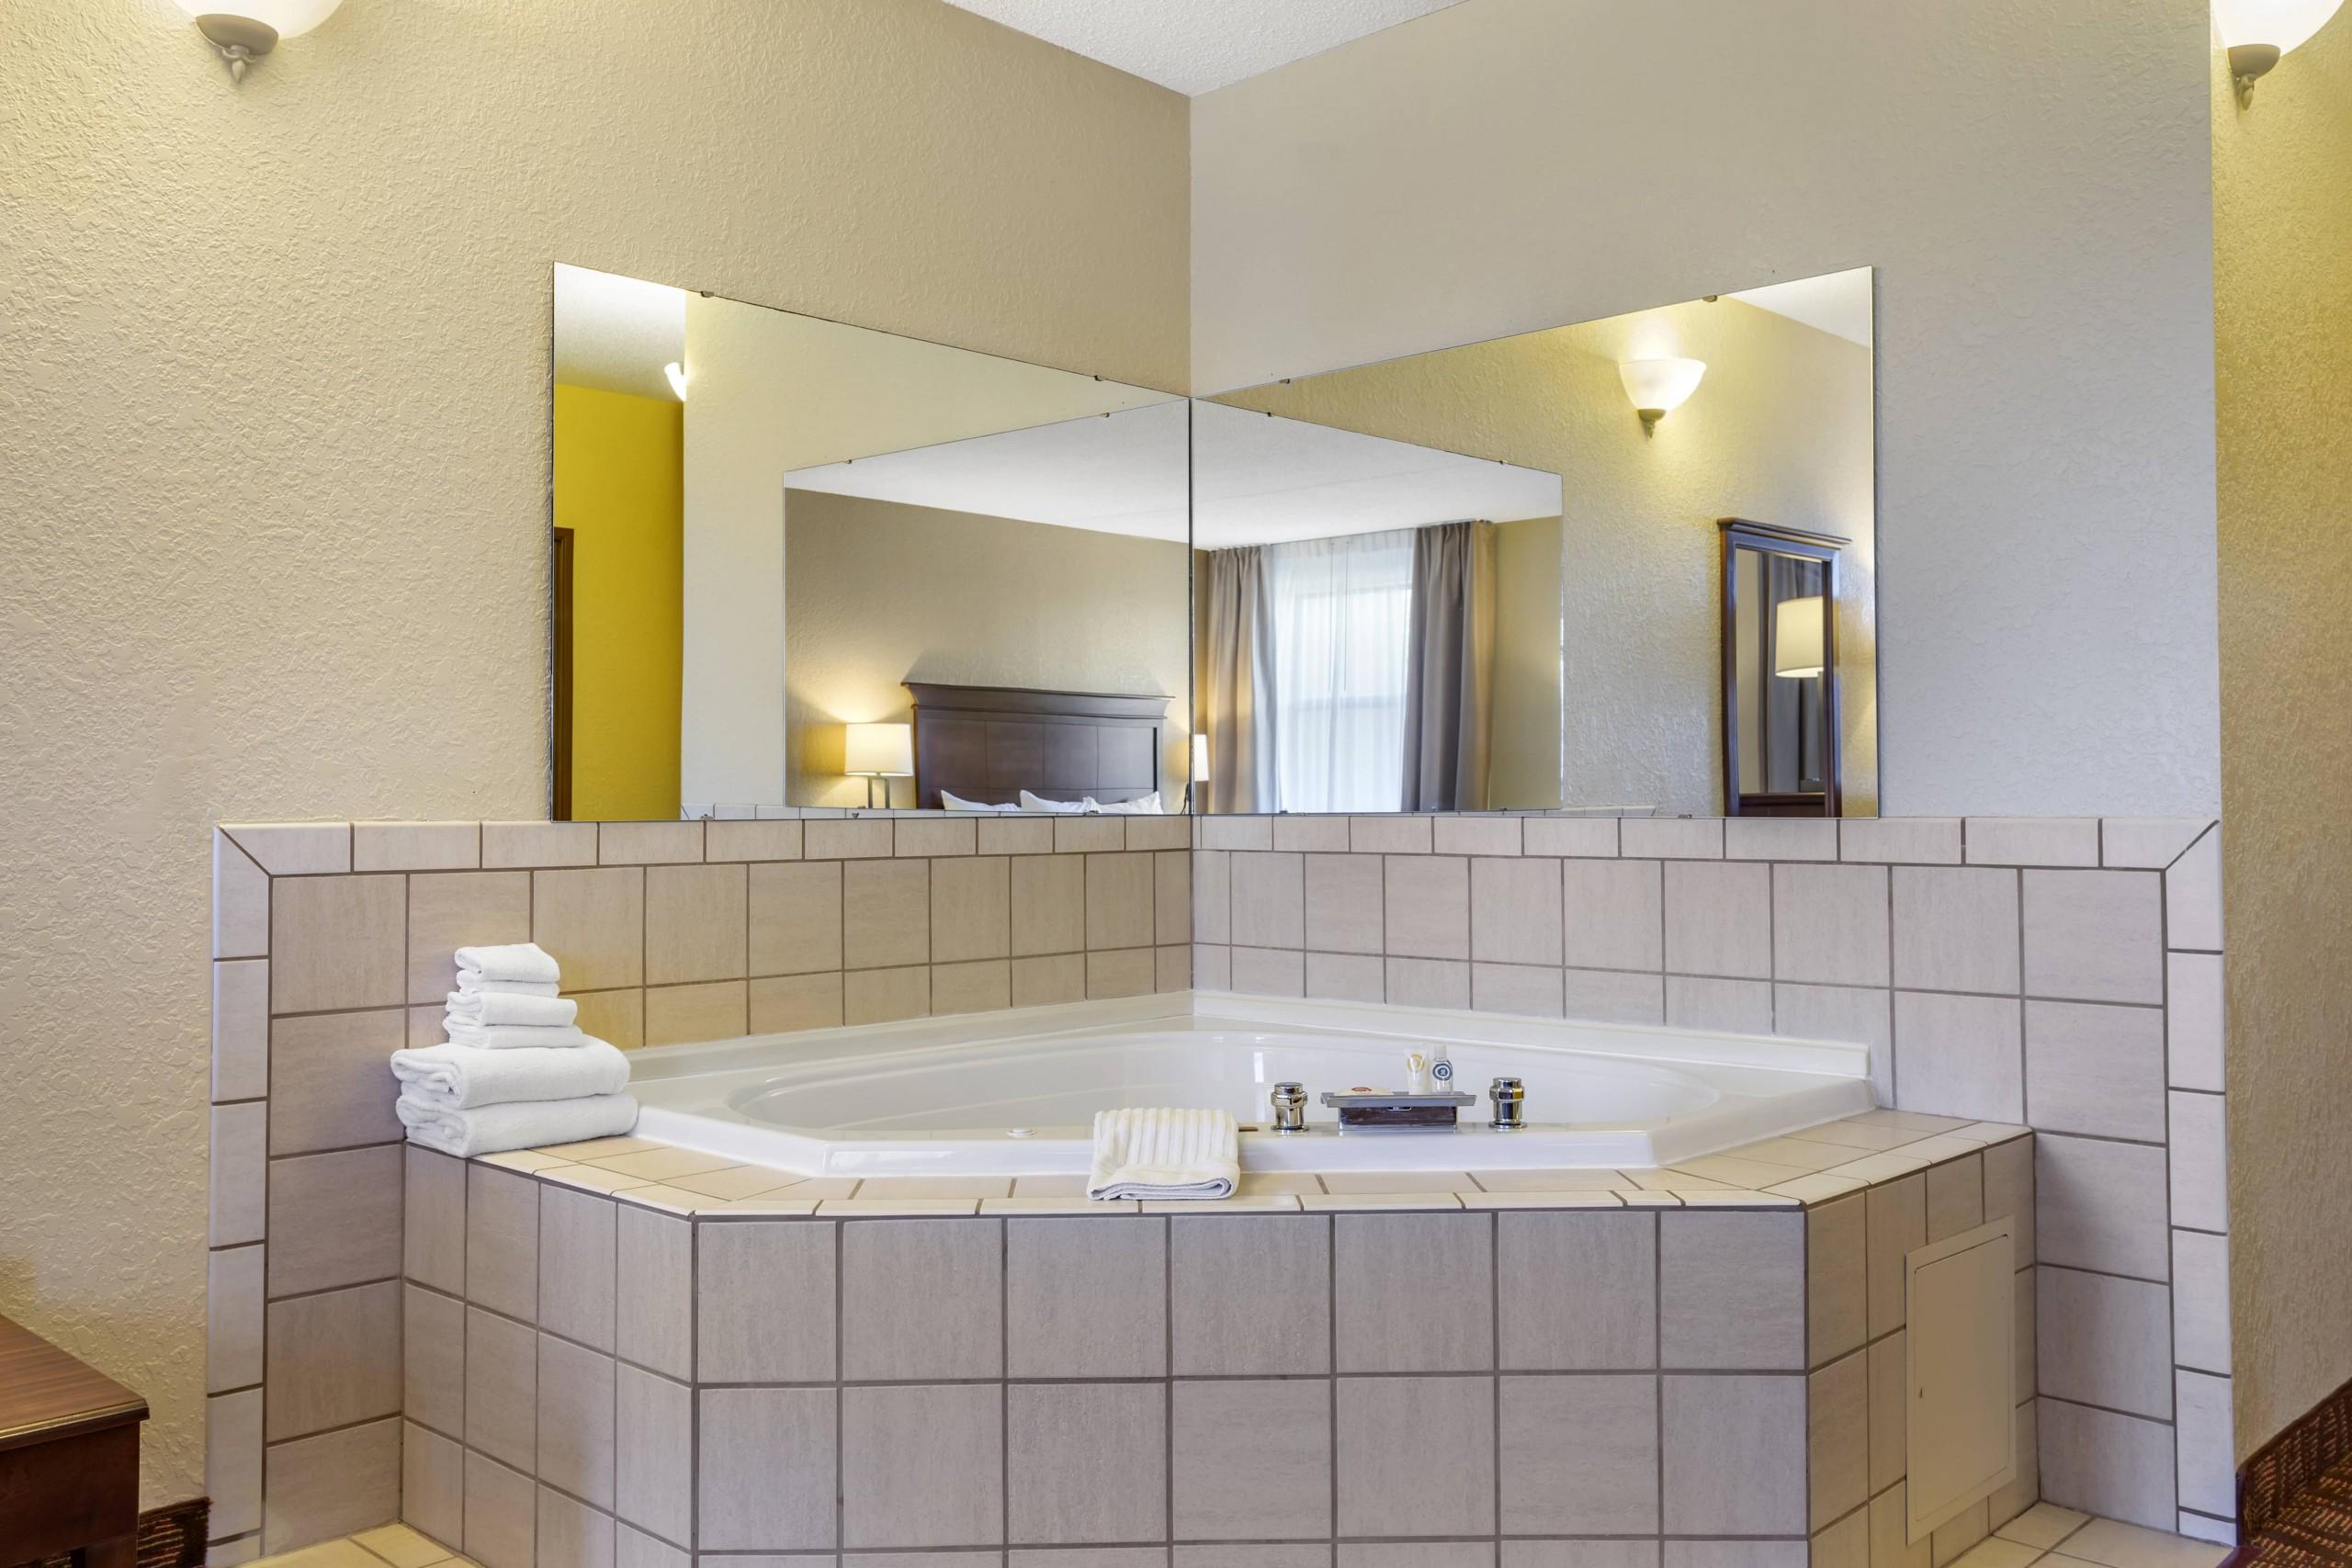 Comfort Inn & Suites Branson Meadows Honeymoon King